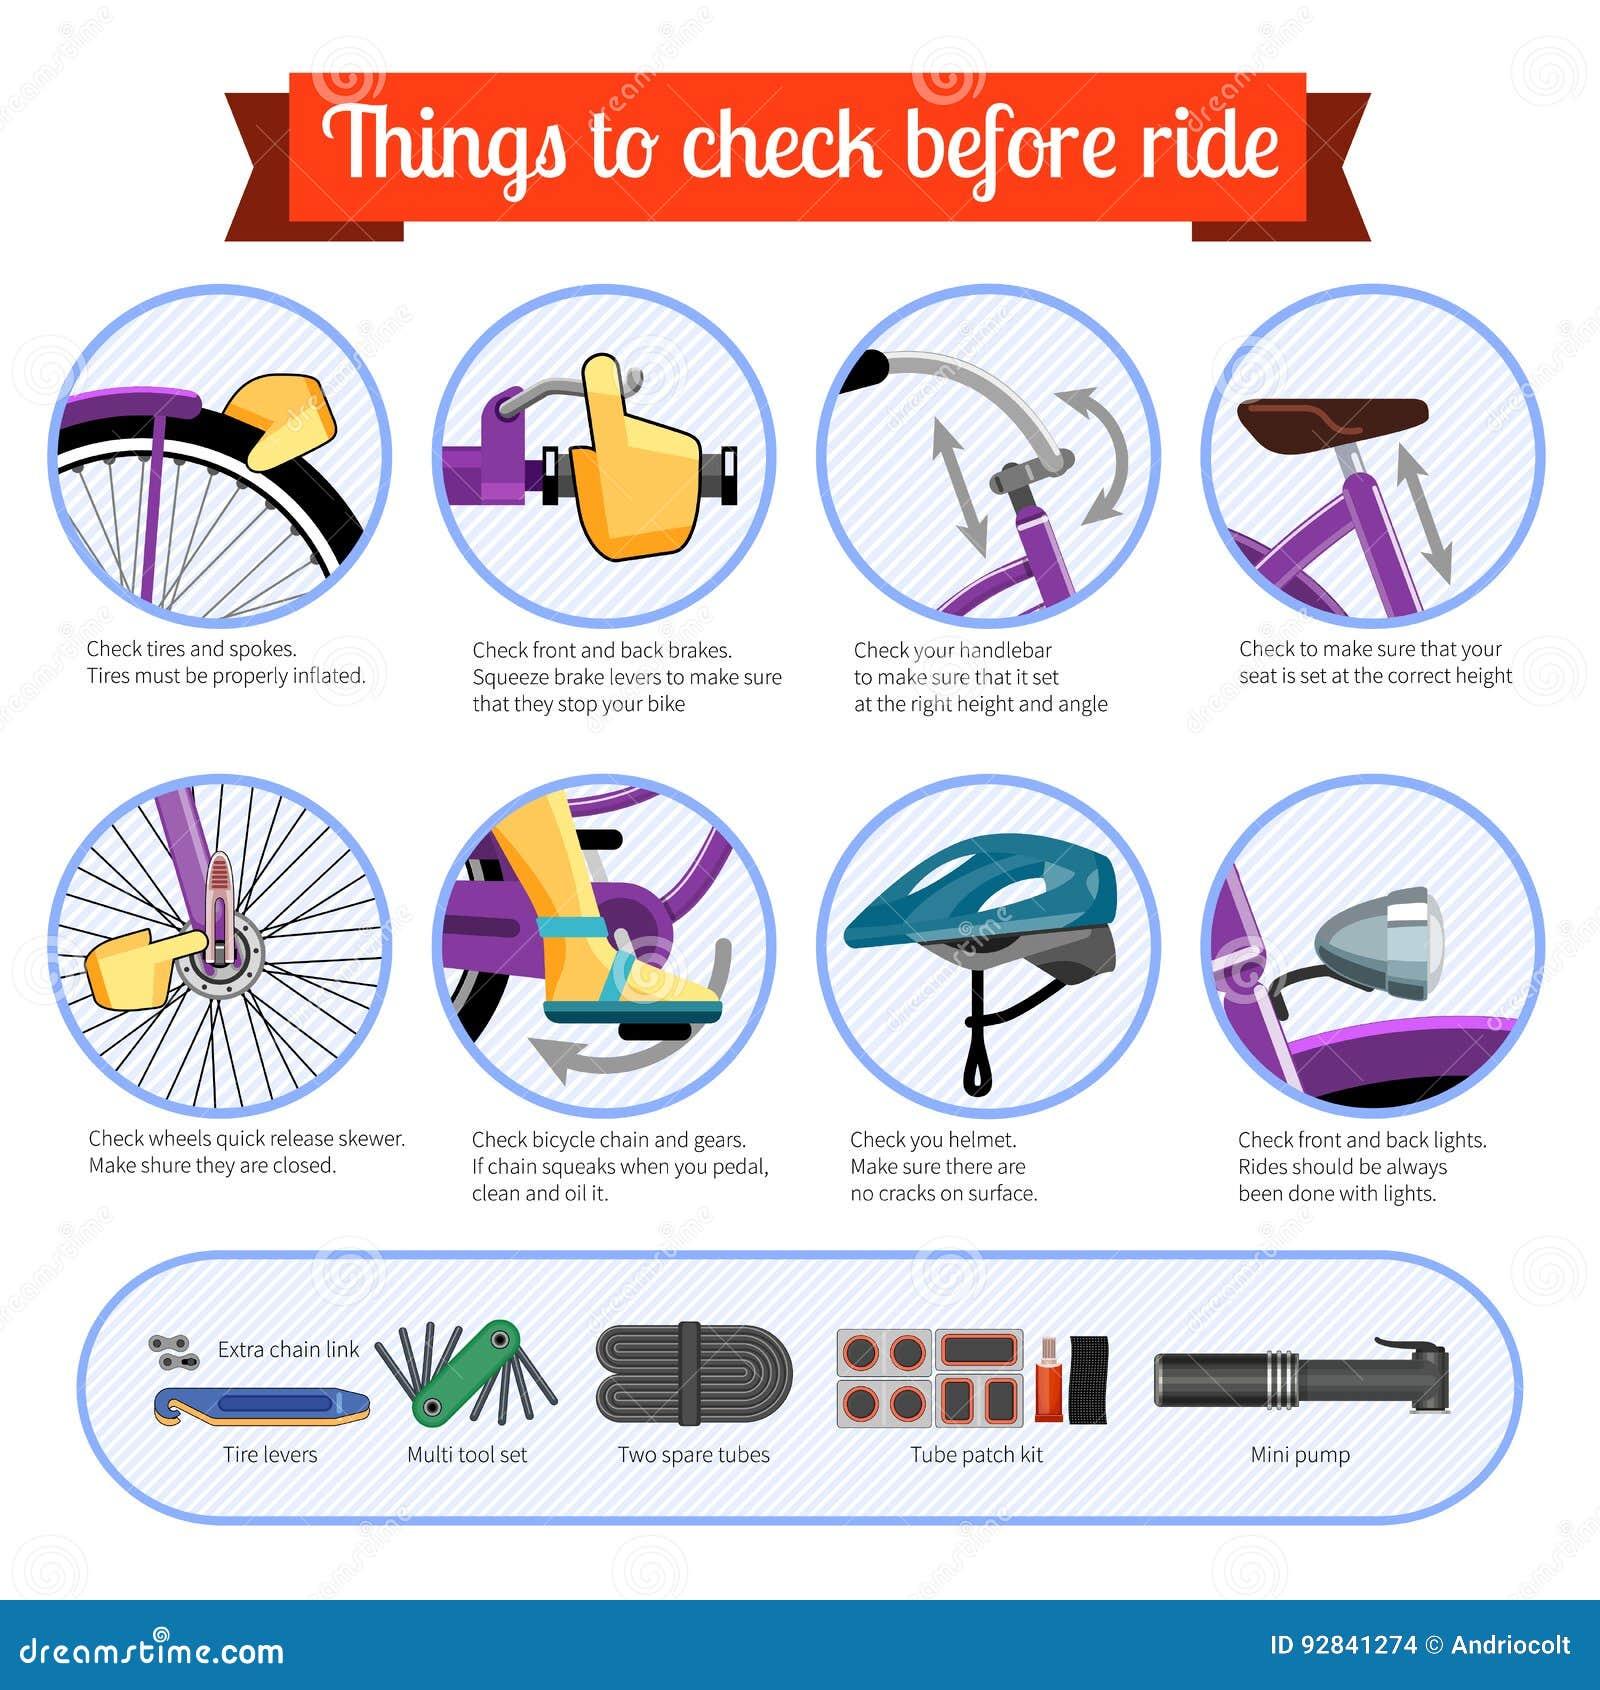 Inspection checklist cartoons illustrations vector A 1 inspections